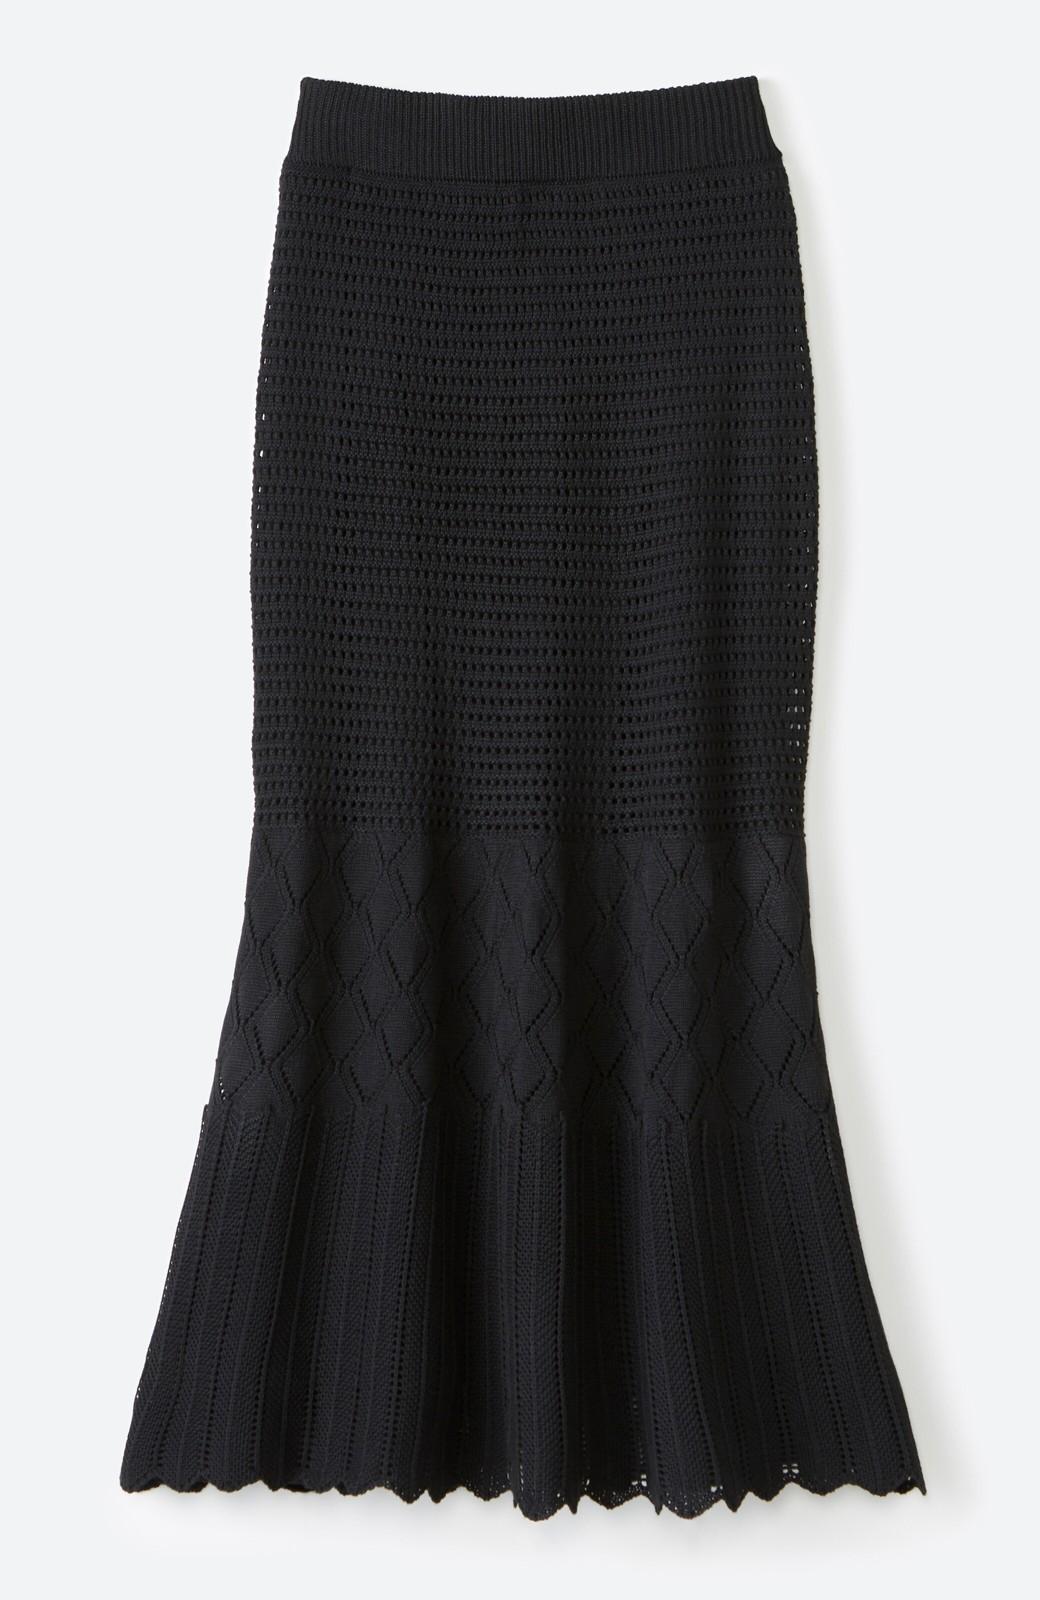 haco! 単品はもちろん重ね着してもかわいさが増す!透かし編みマーメイドスカート <ブラック>の商品写真23